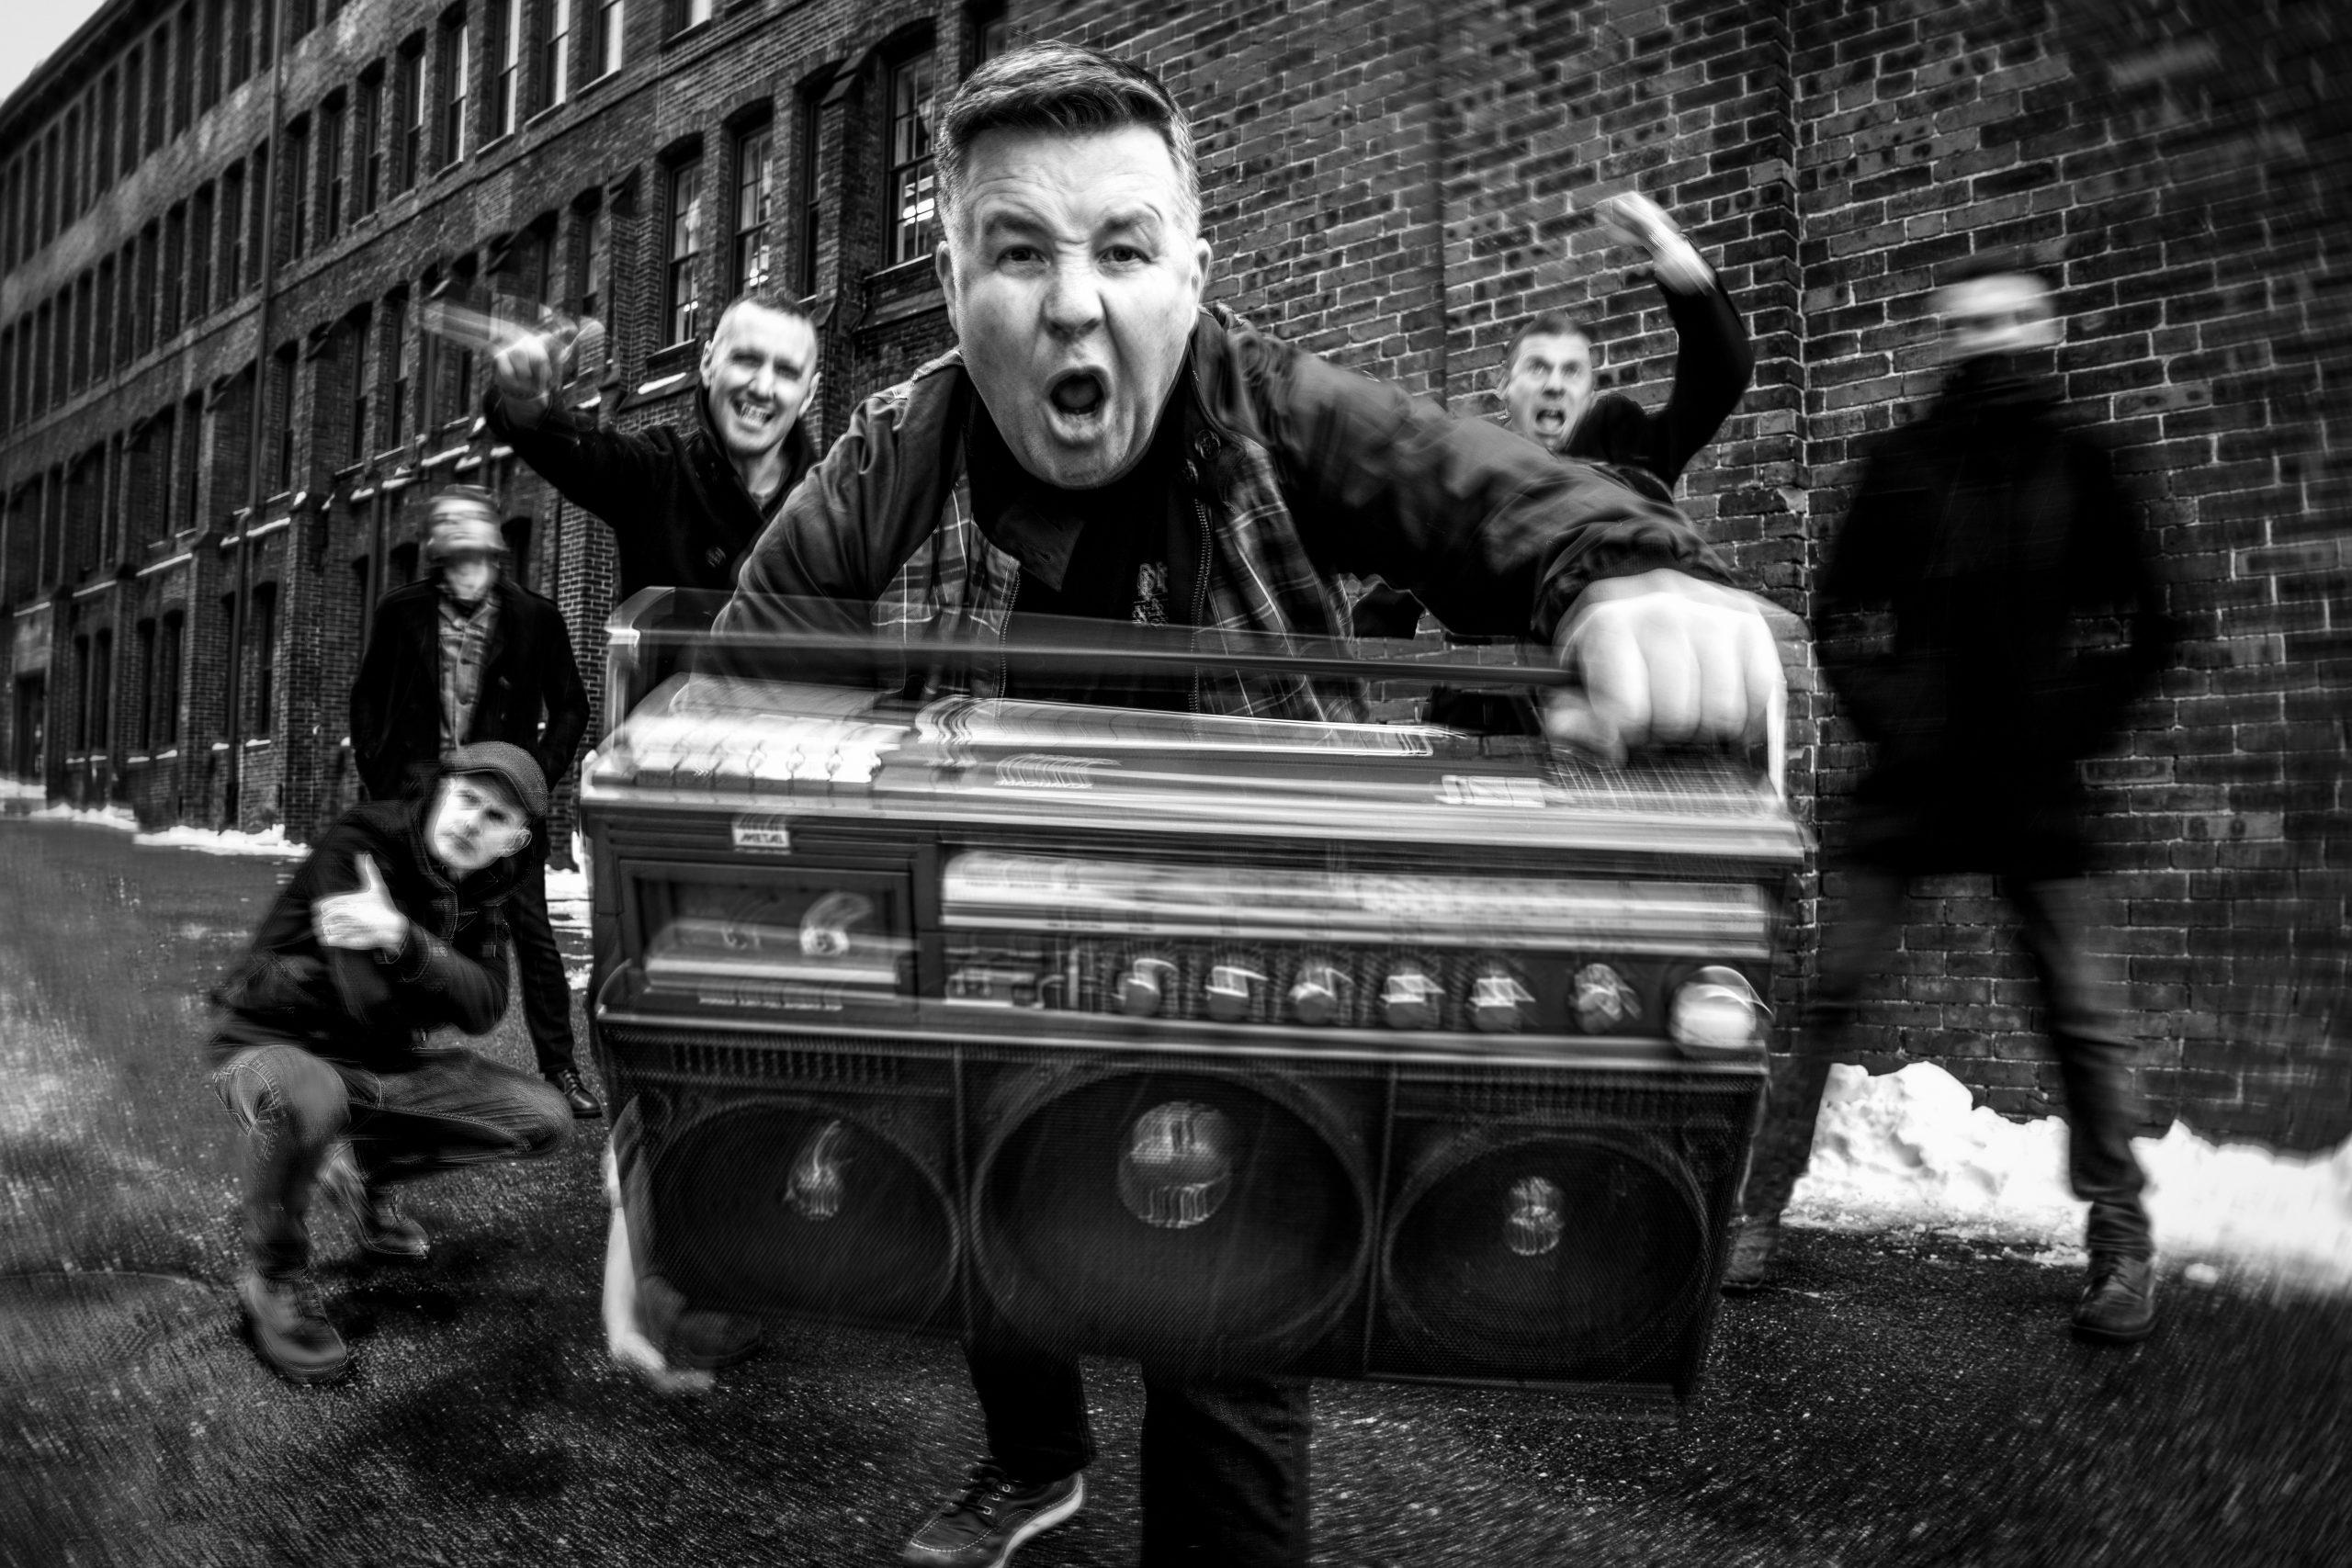 dropkick-murphys-mit-neuem-album-turn-up-that-dial-im-fruehjahr-2022-auf-tour-in-deutschland-vorverkauf-startet-am-05-05-21-um-10-00-uhr